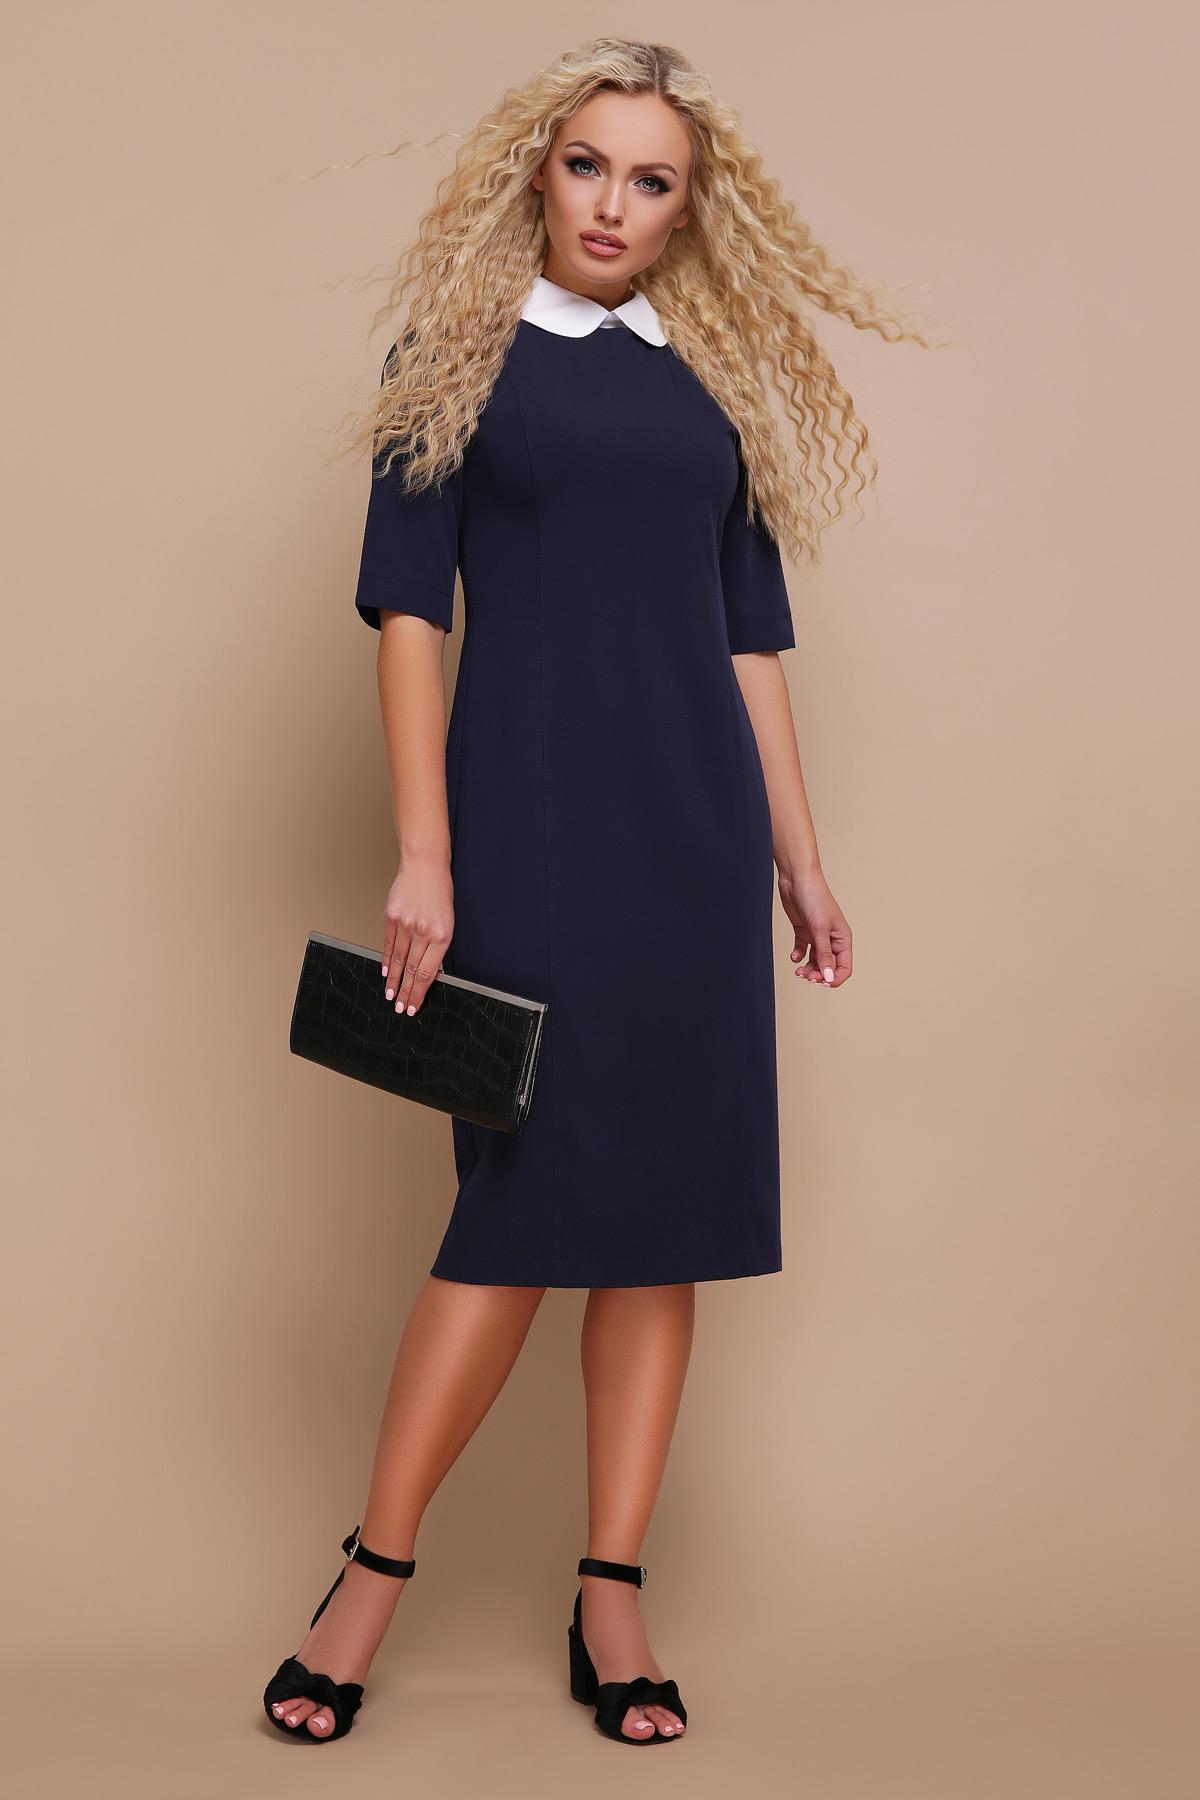 839a5c7f249ffa2 строгое черное платье. платье Ундина 3/4. Цвет: синий